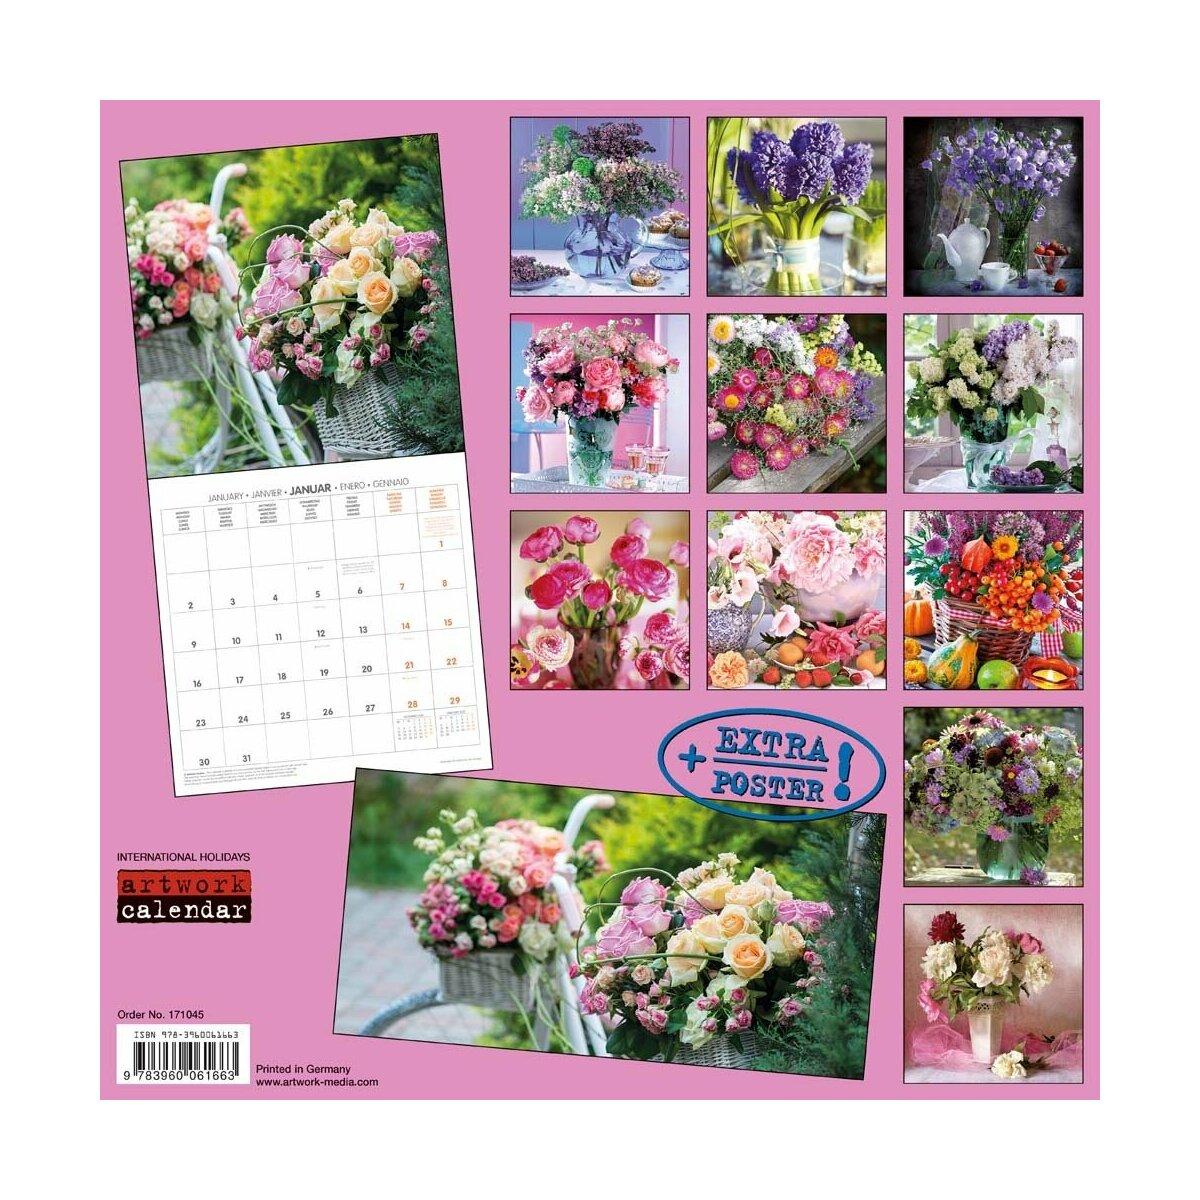 Calendrier 2017 bouquets de fleurs du jardin avec poster offer for Calendrier du jardin